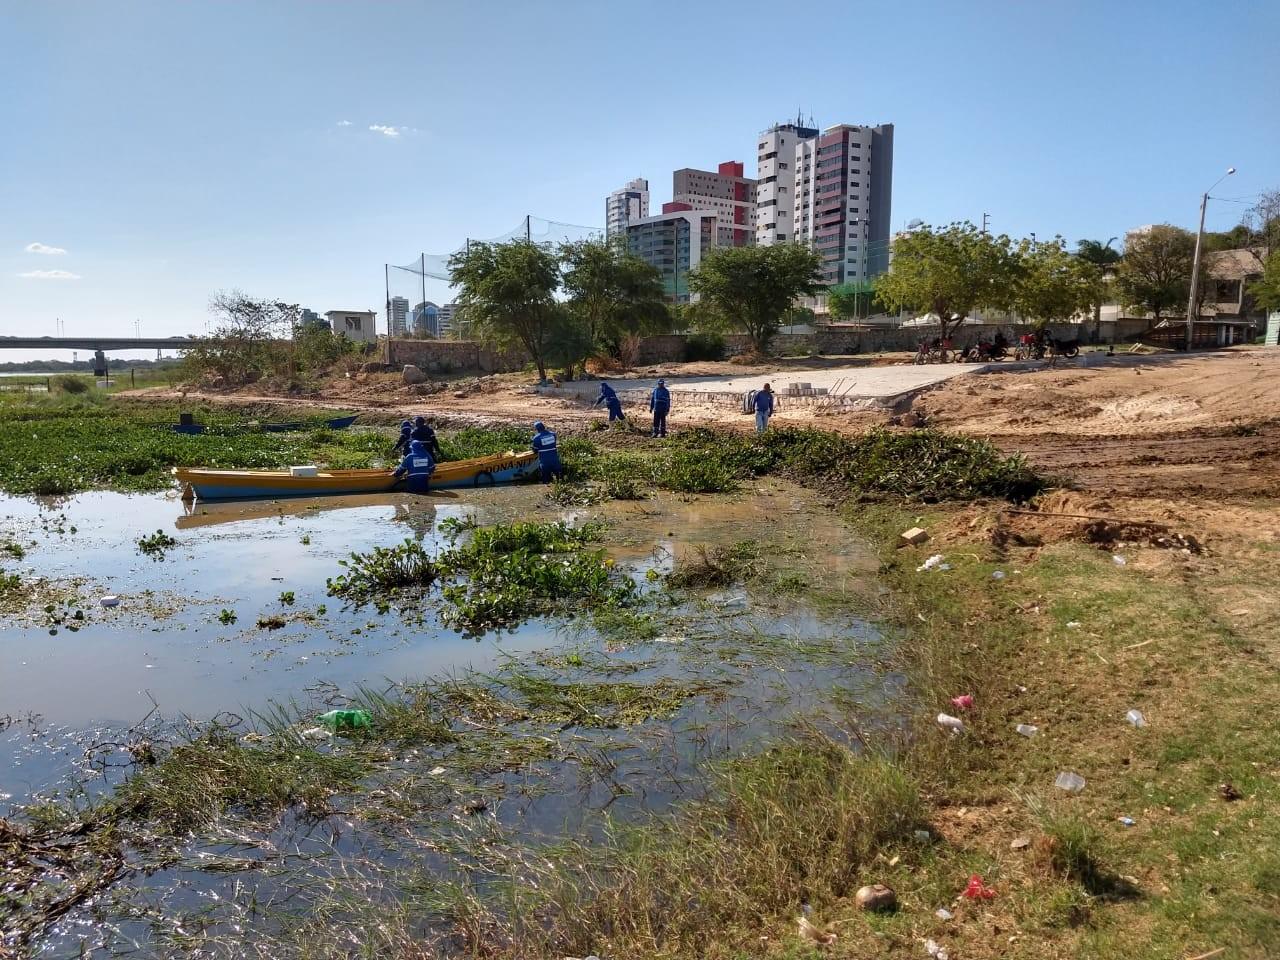 Equipe realiza mutirão para retirada de baronesas na orla de Petrolina - Notícias - Plantão Diário